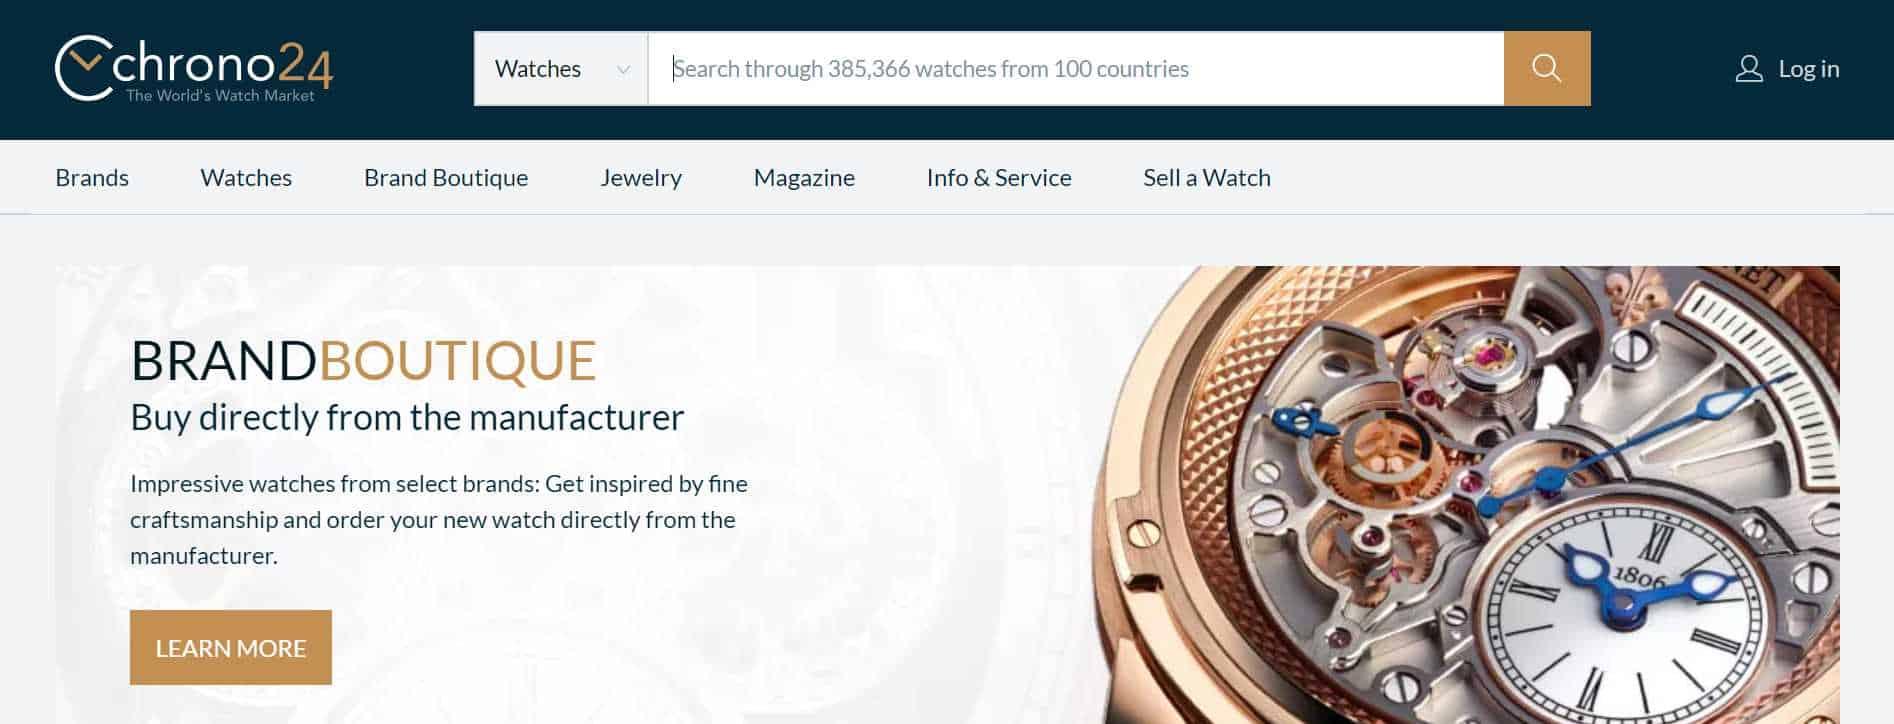 chrono24 luxury watches online